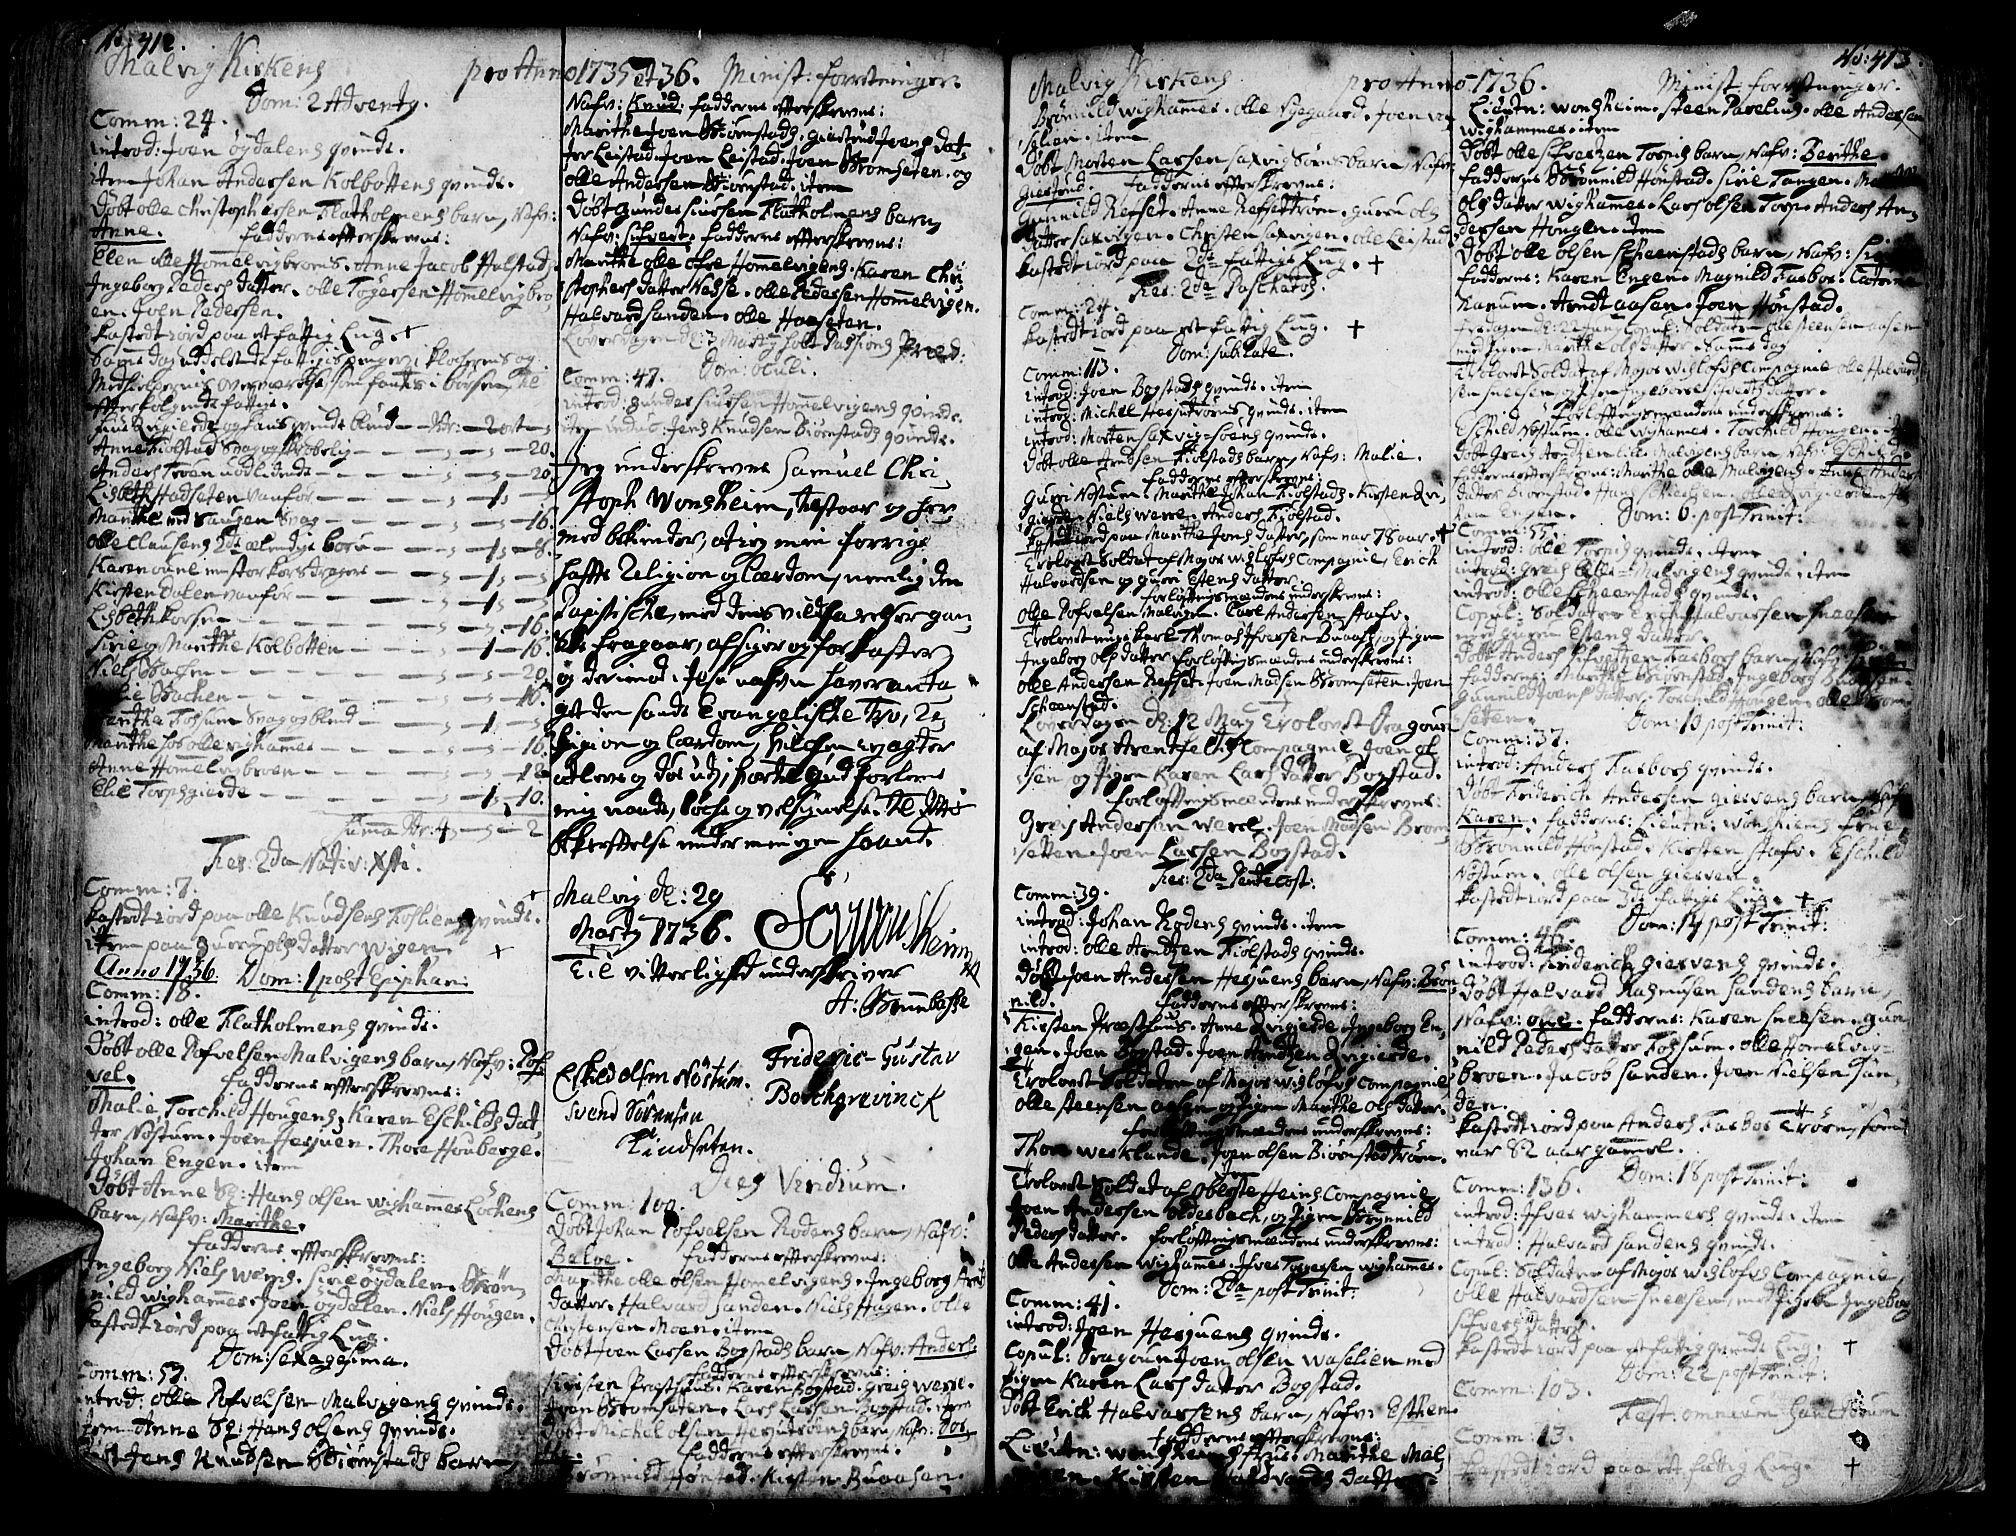 SAT, Ministerialprotokoller, klokkerbøker og fødselsregistre - Sør-Trøndelag, 606/L0277: Ministerialbok nr. 606A01 /3, 1727-1780, s. 412-413